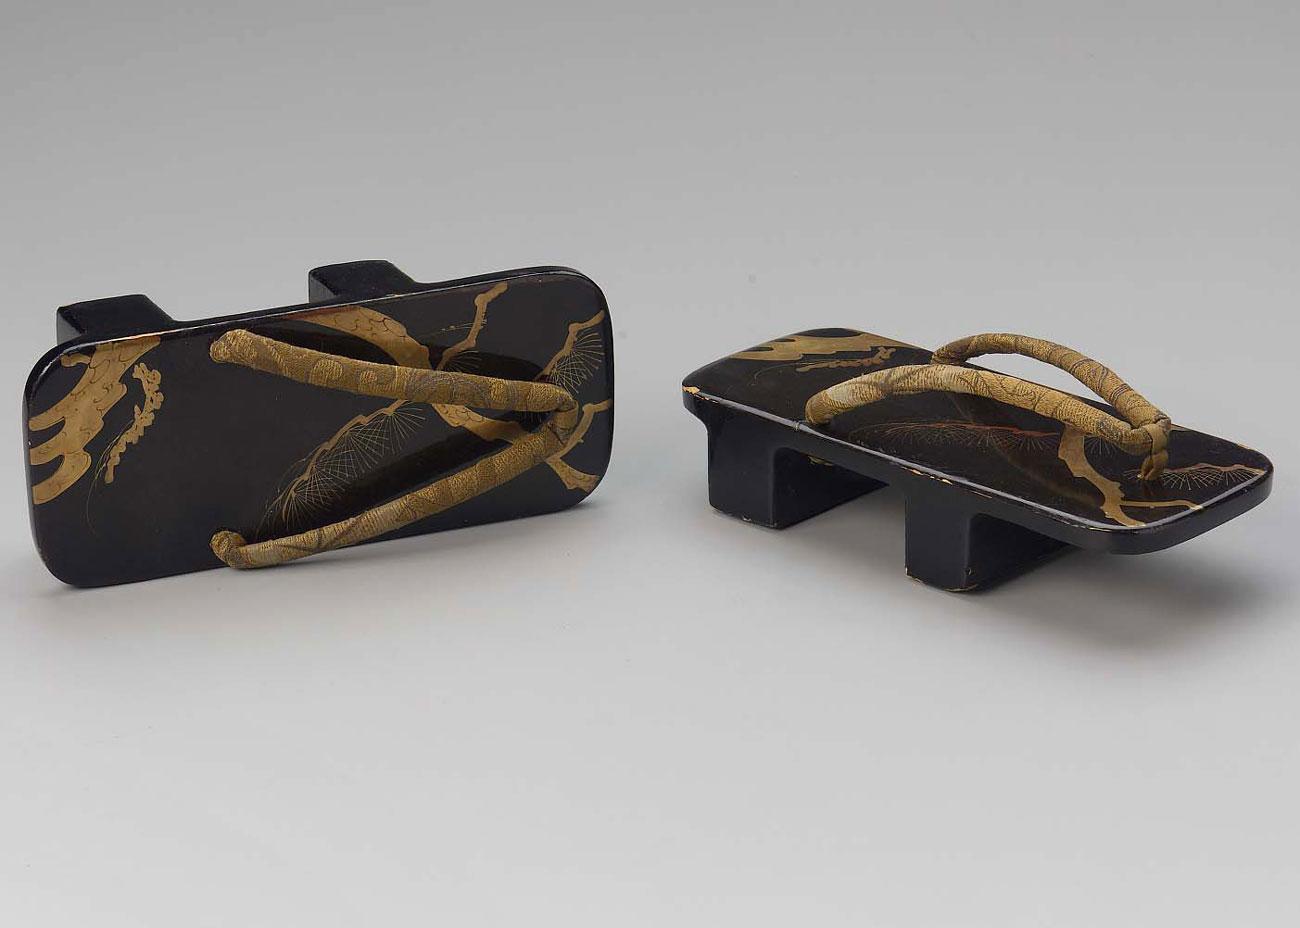 Black Lacquer Geta, early 20th Century,  Museum of Fine Arts, Boston